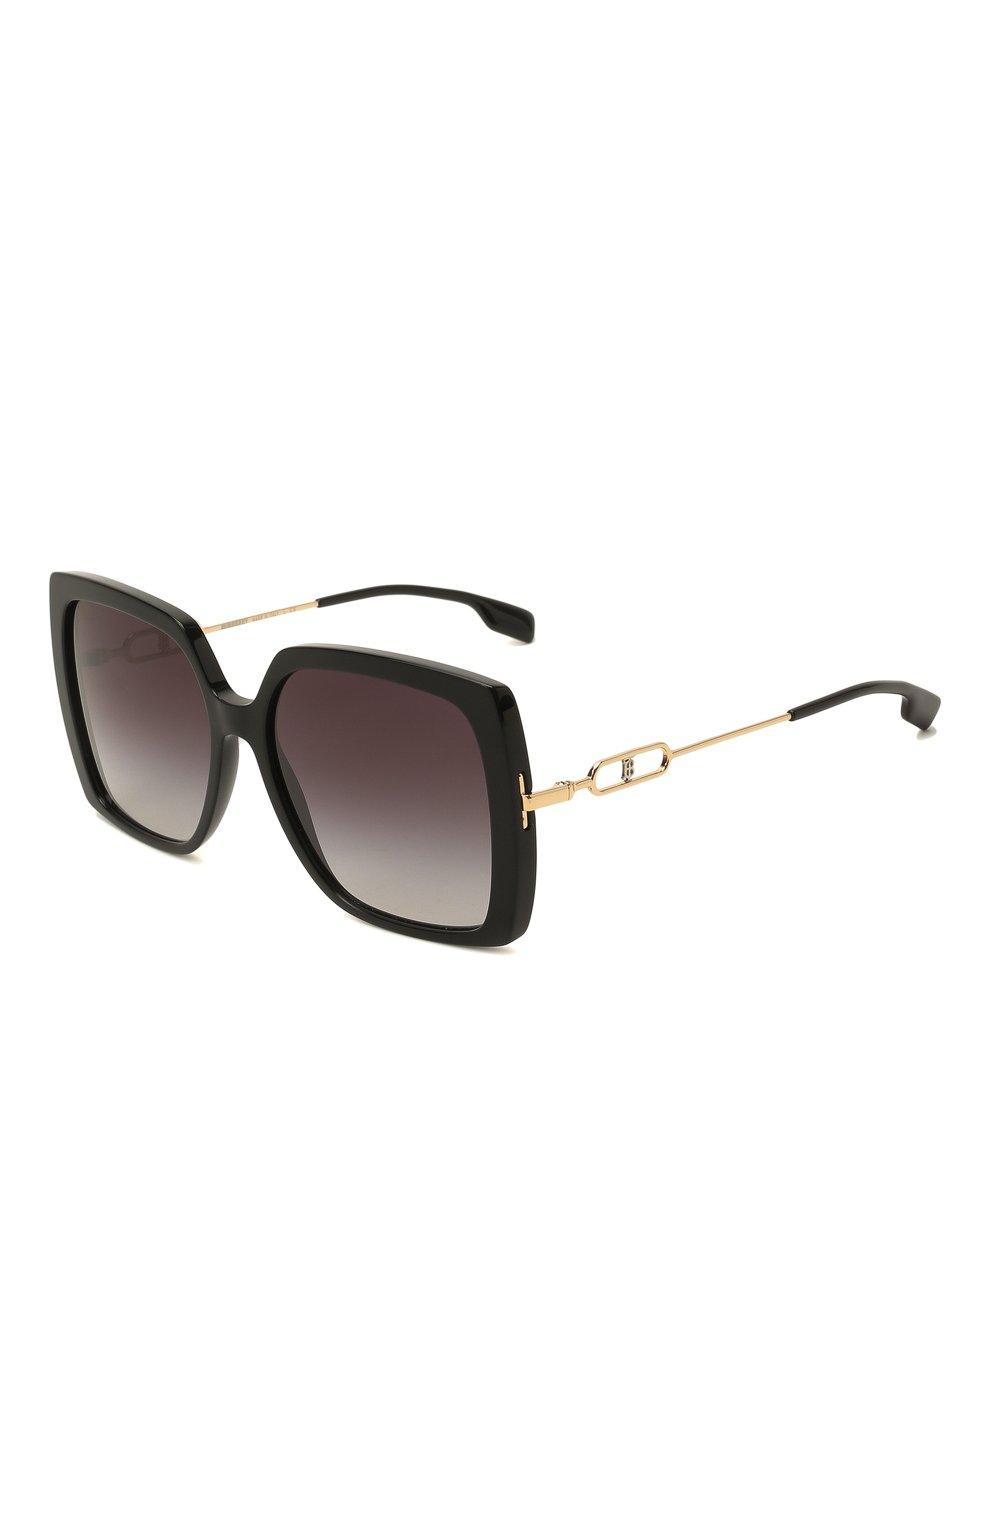 Женские солнцезащитные очки BURBERRY черного цвета, арт. 4332-30018G | Фото 1